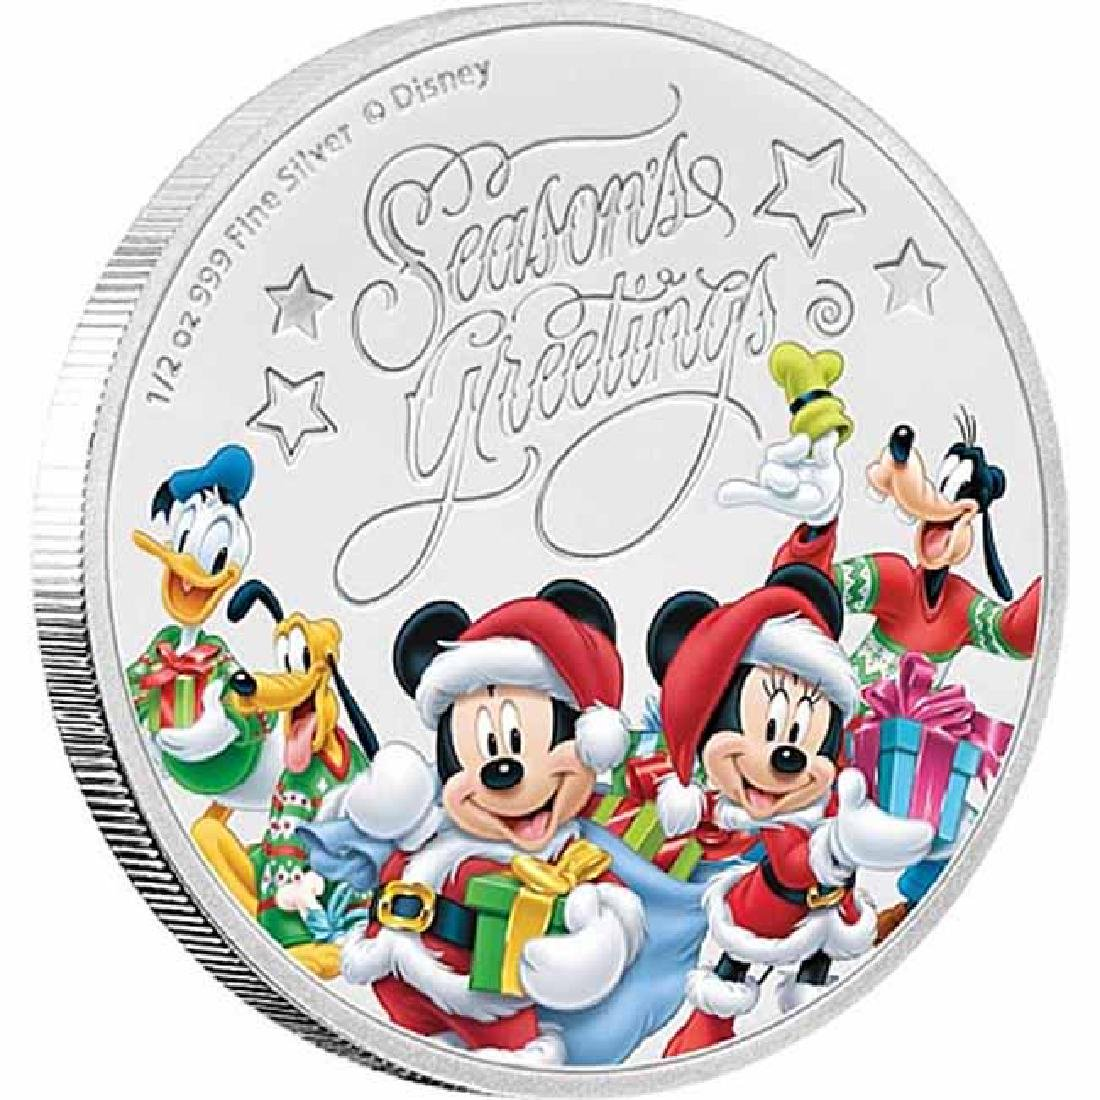 2017 1/2 oz Silver $1 Disney Seasons Greetings Proof